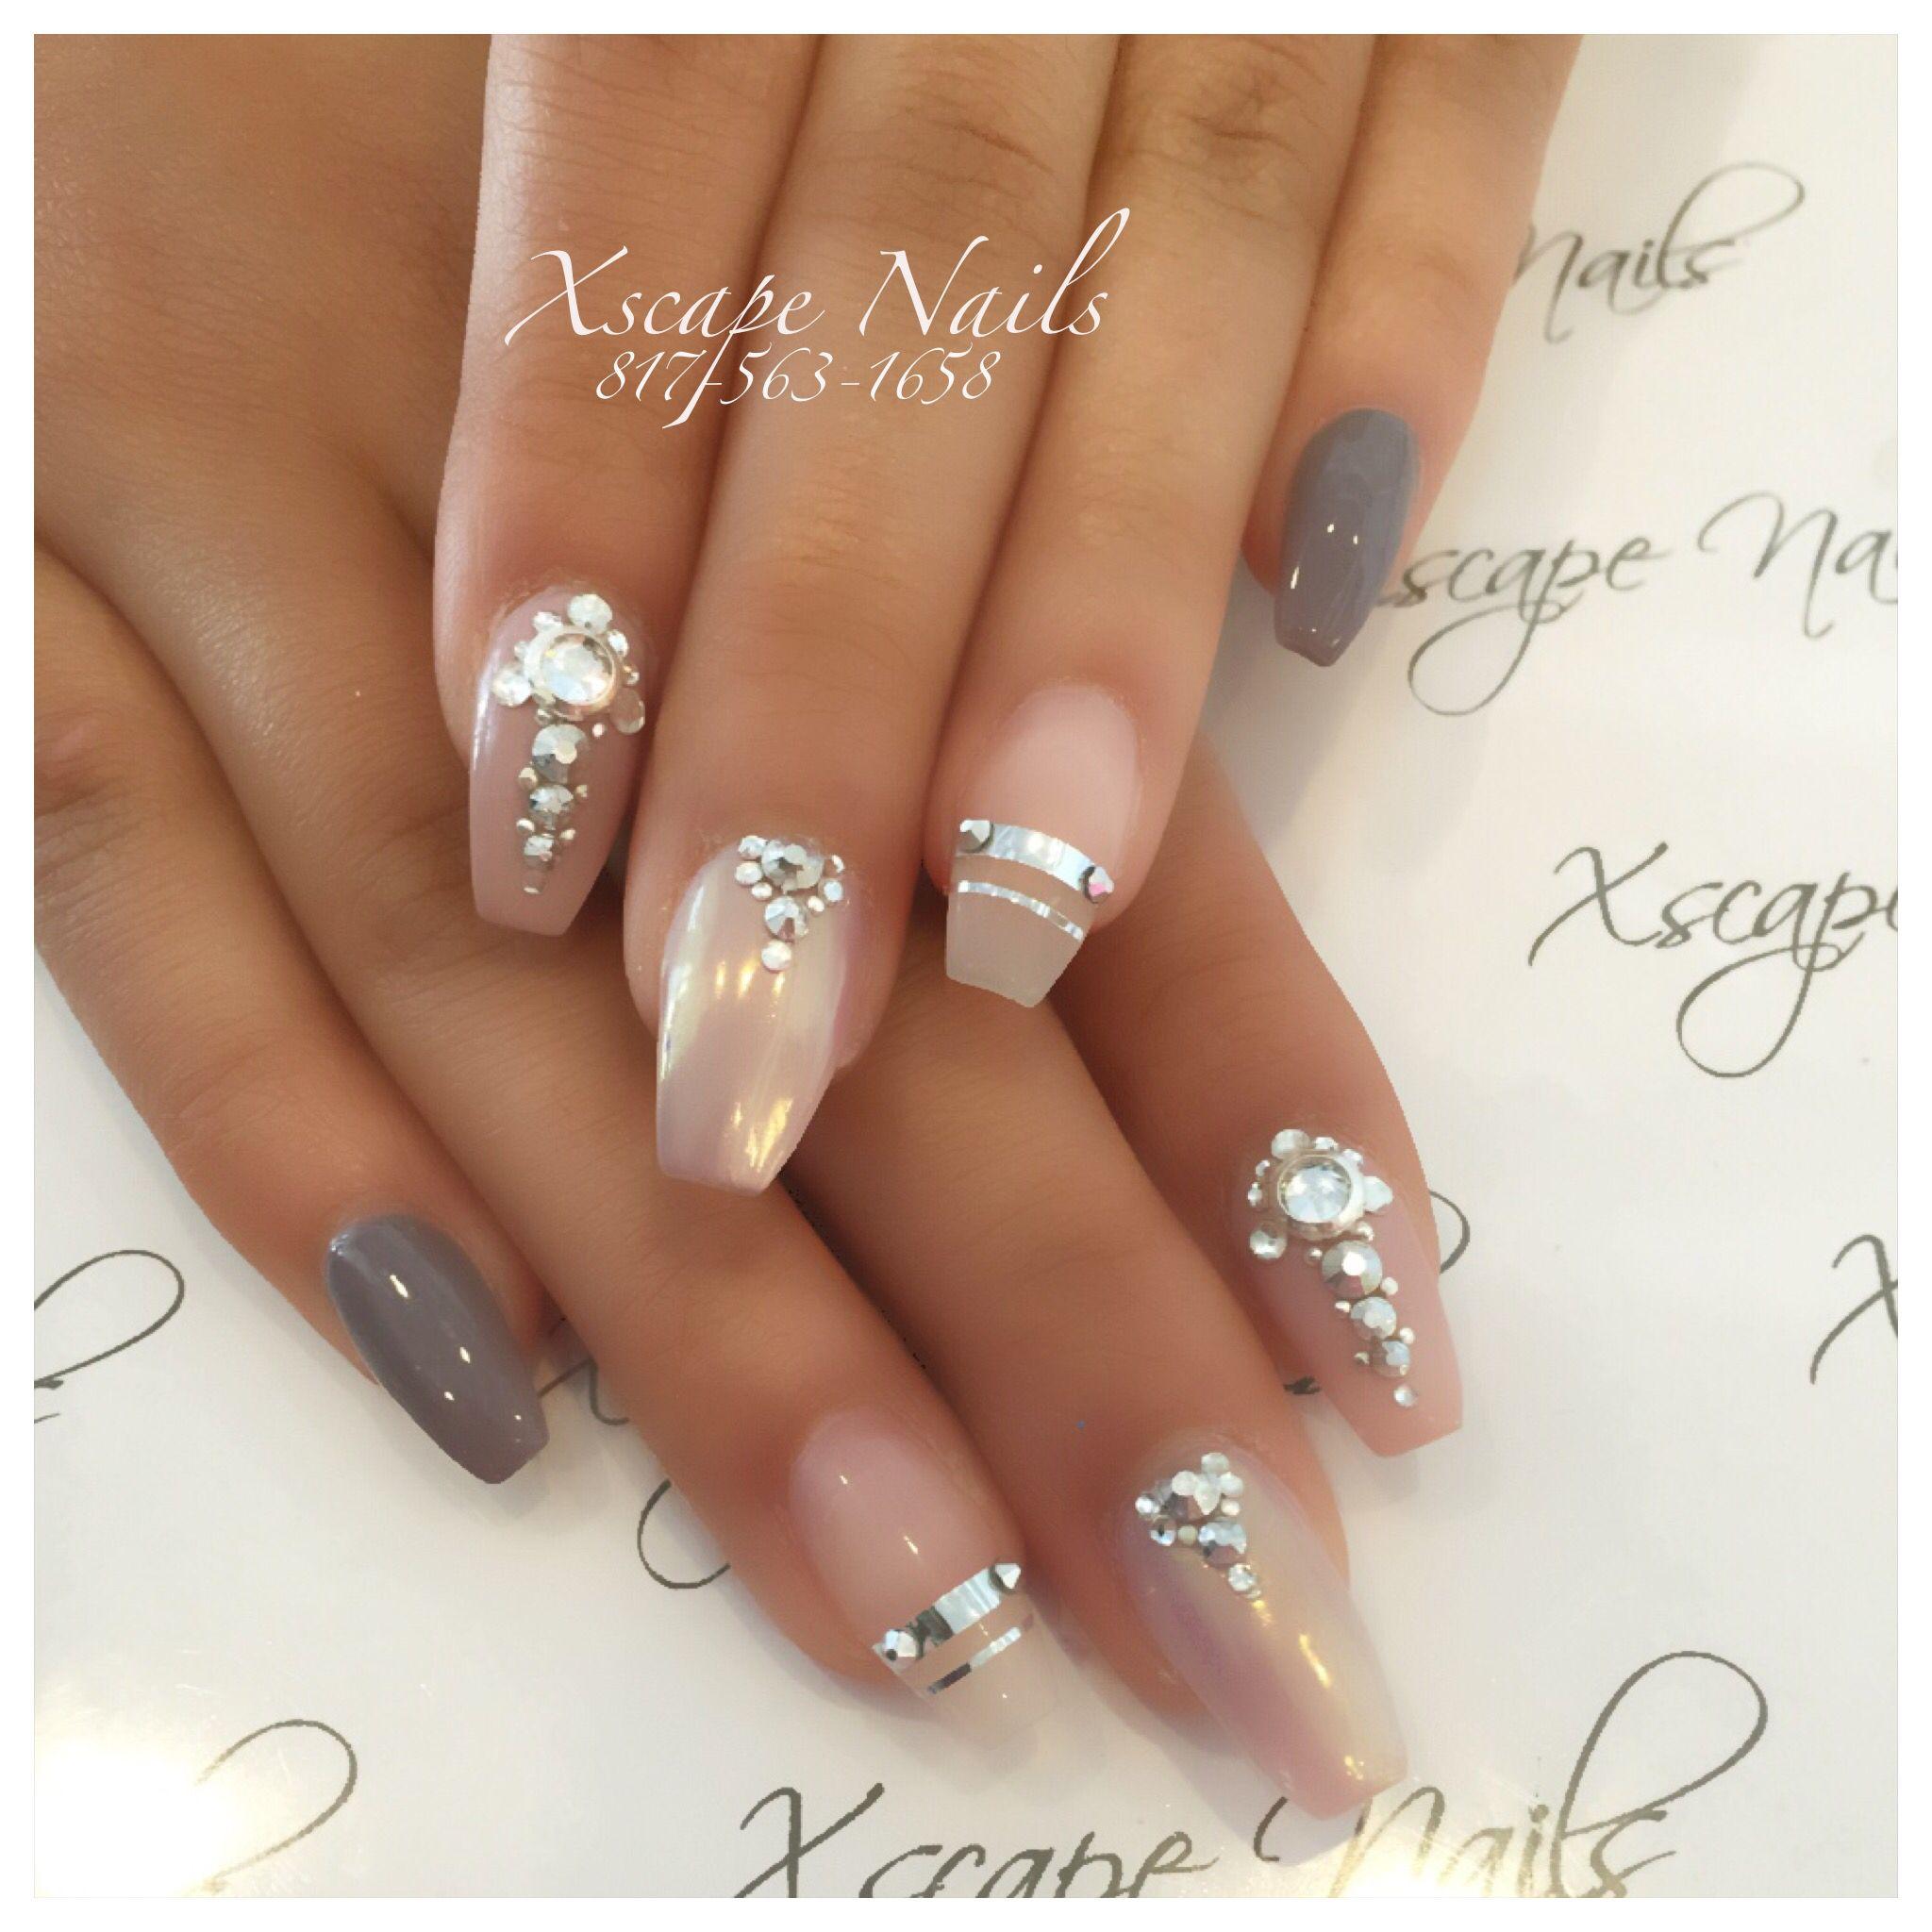 Chrome plum tribal coffin fall nails | Cute Nails Designs | Pinterest